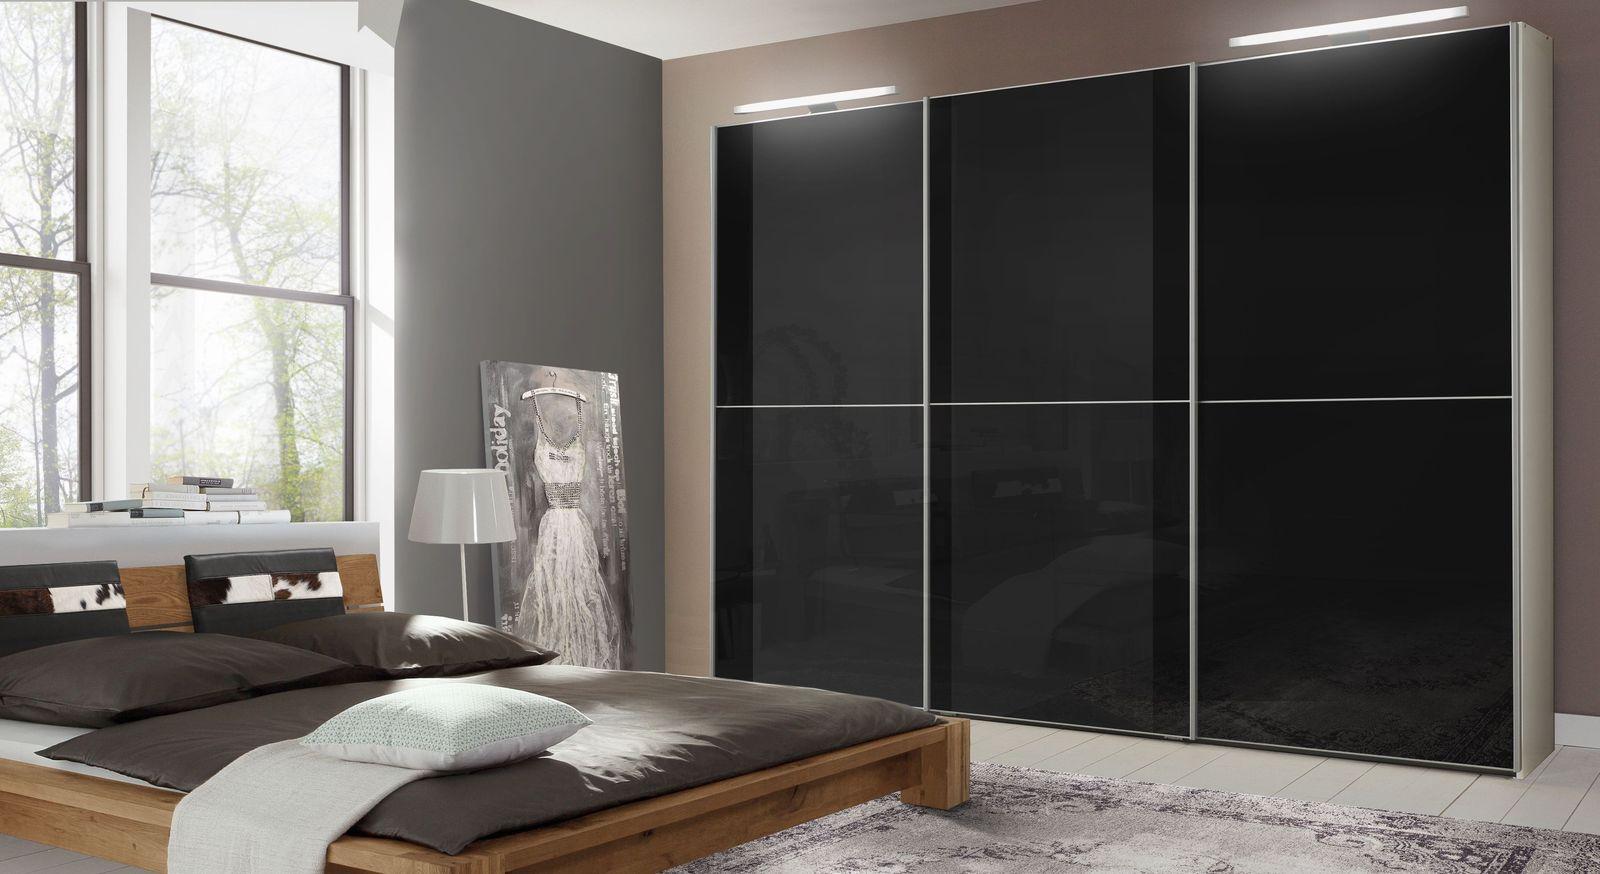 Schwebetüren-Kleiderschrank Madison mit eleganter schwarzer Glasfront